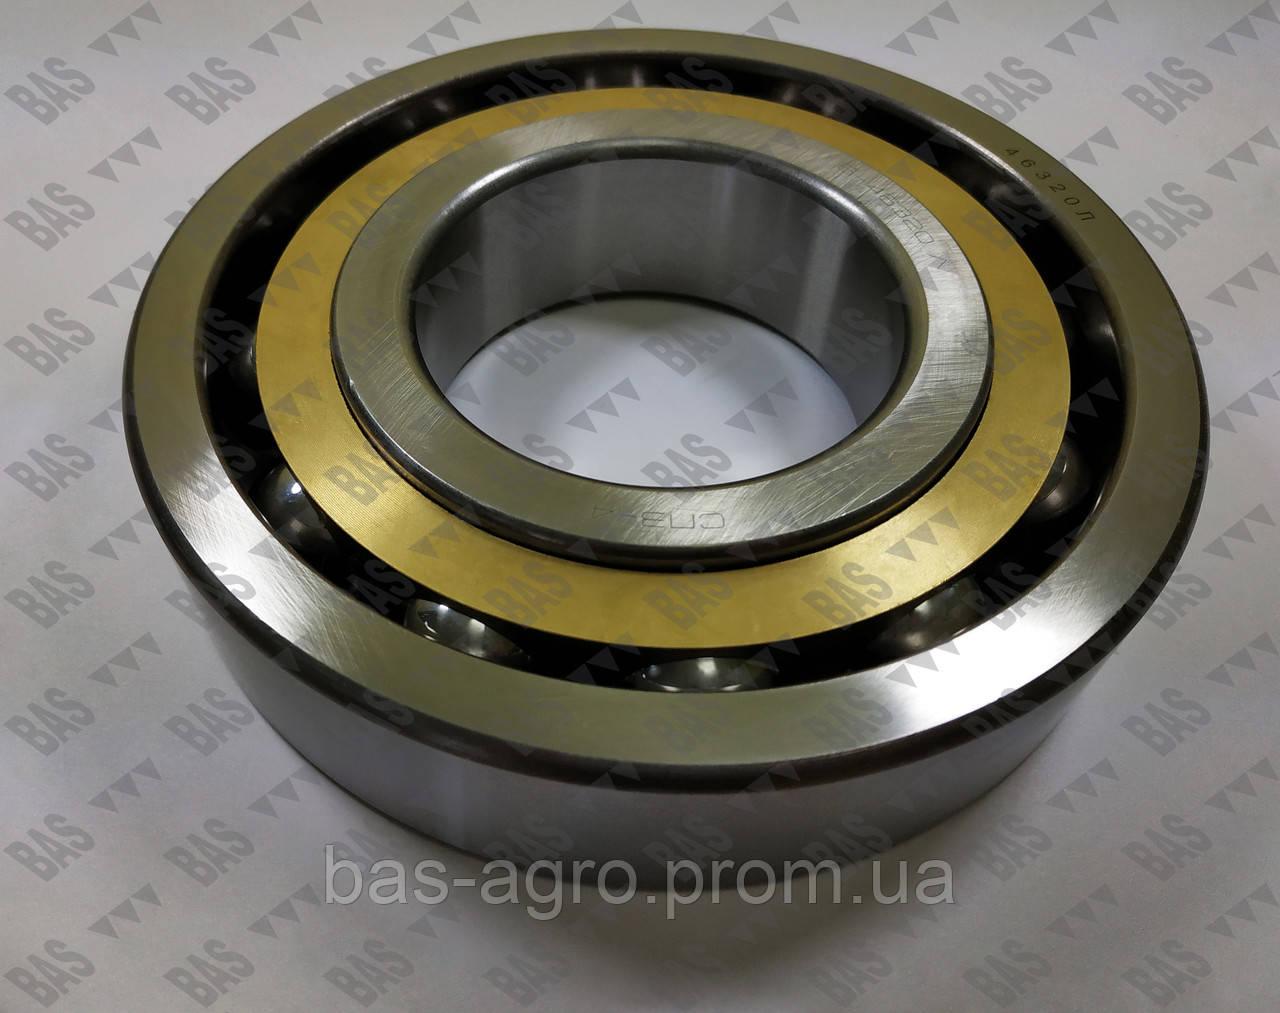 Шариковый радиально-упорный подшипник 6-46320 Л (7320ACM) СПЗ 4